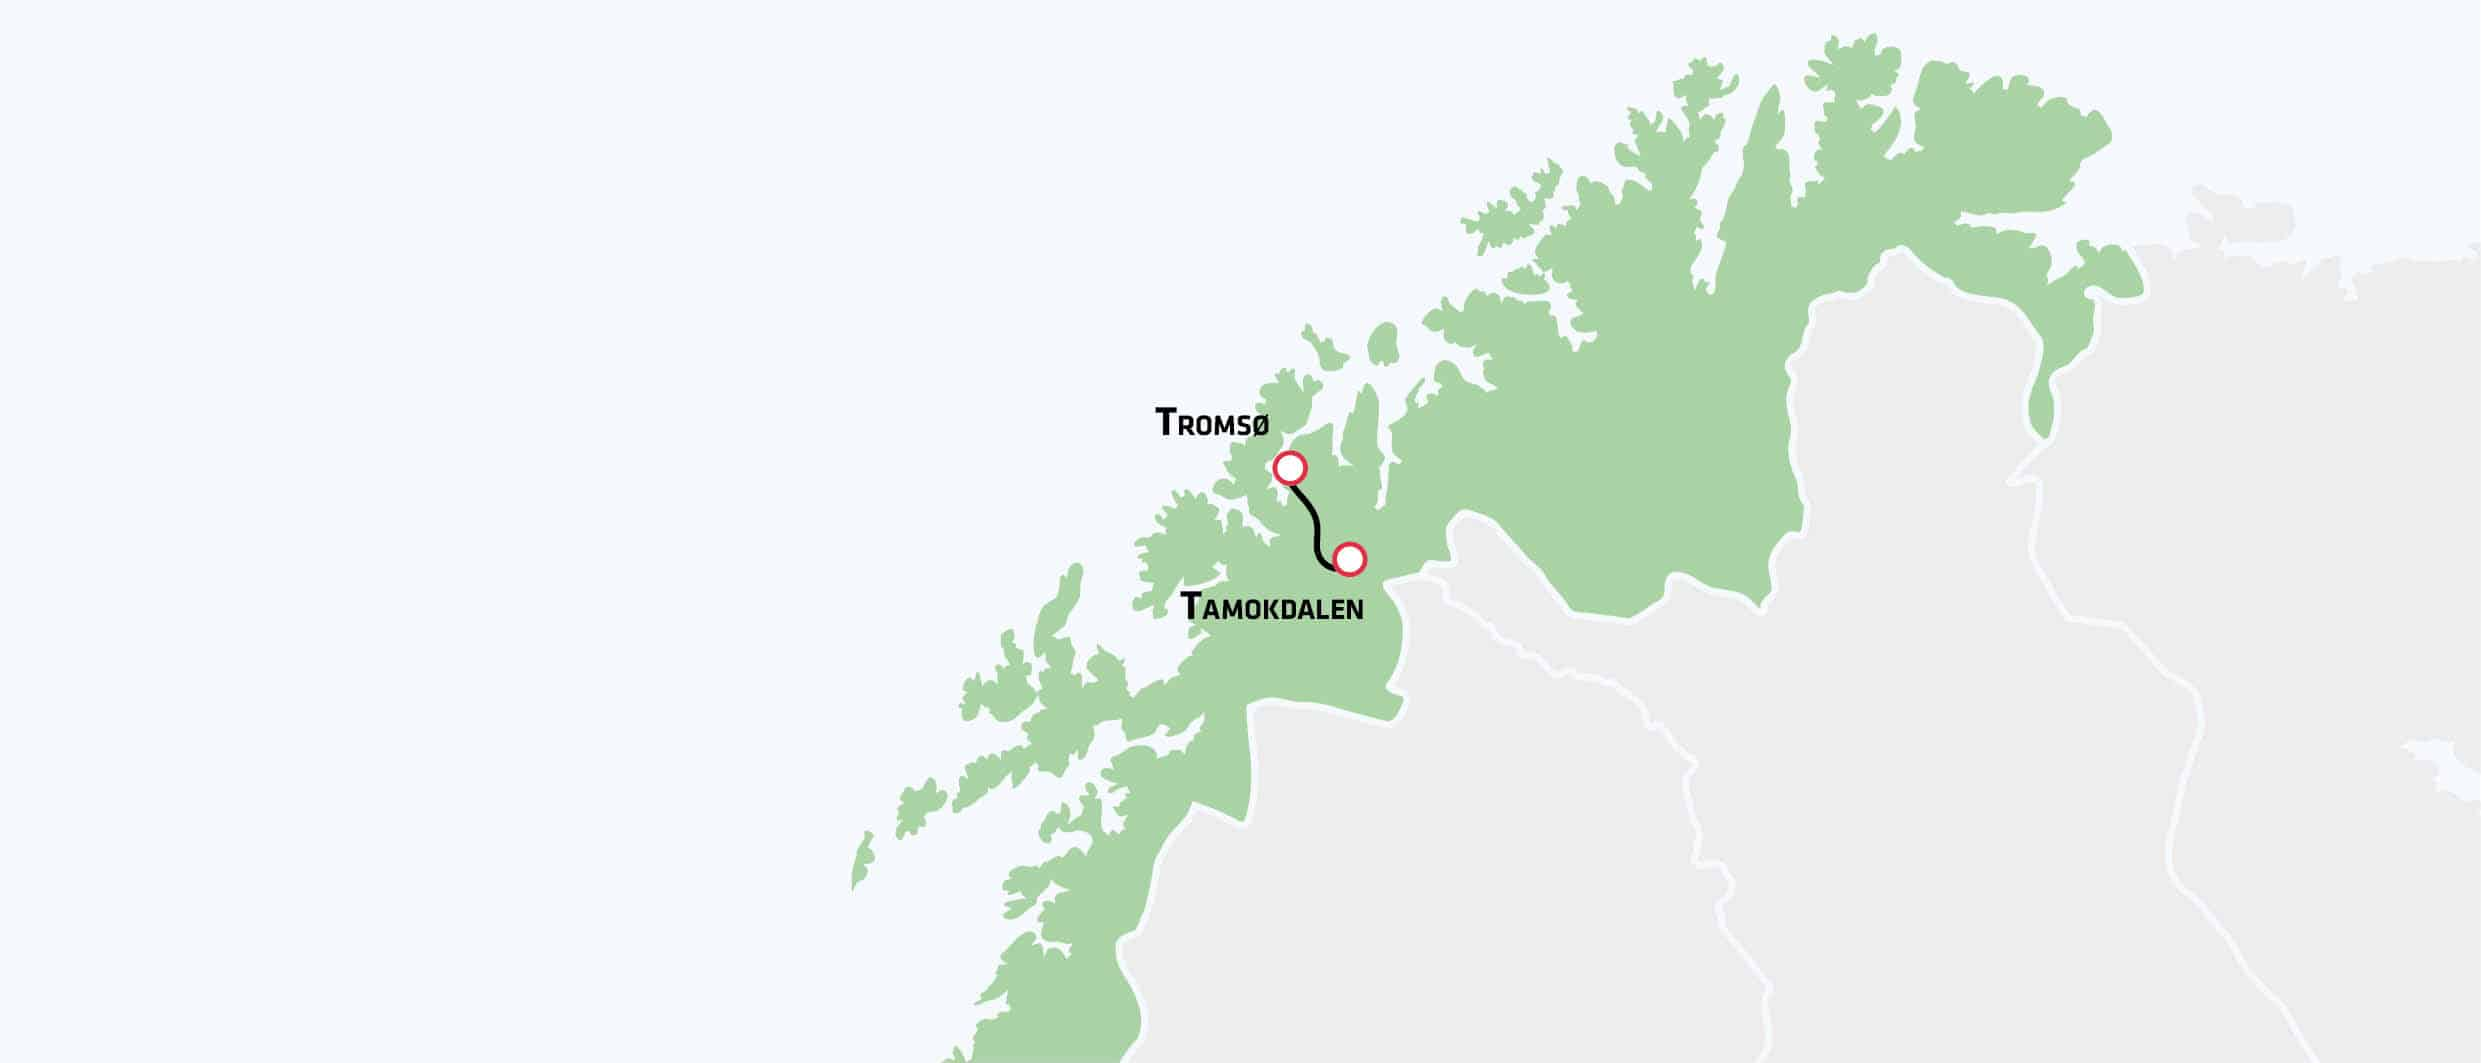 Himmelsk nordlys og snelandskab 4 dages rejse til Norge med Risskov Rejser Afrejse den: 23-11-2017 Afrejselufthavn: København